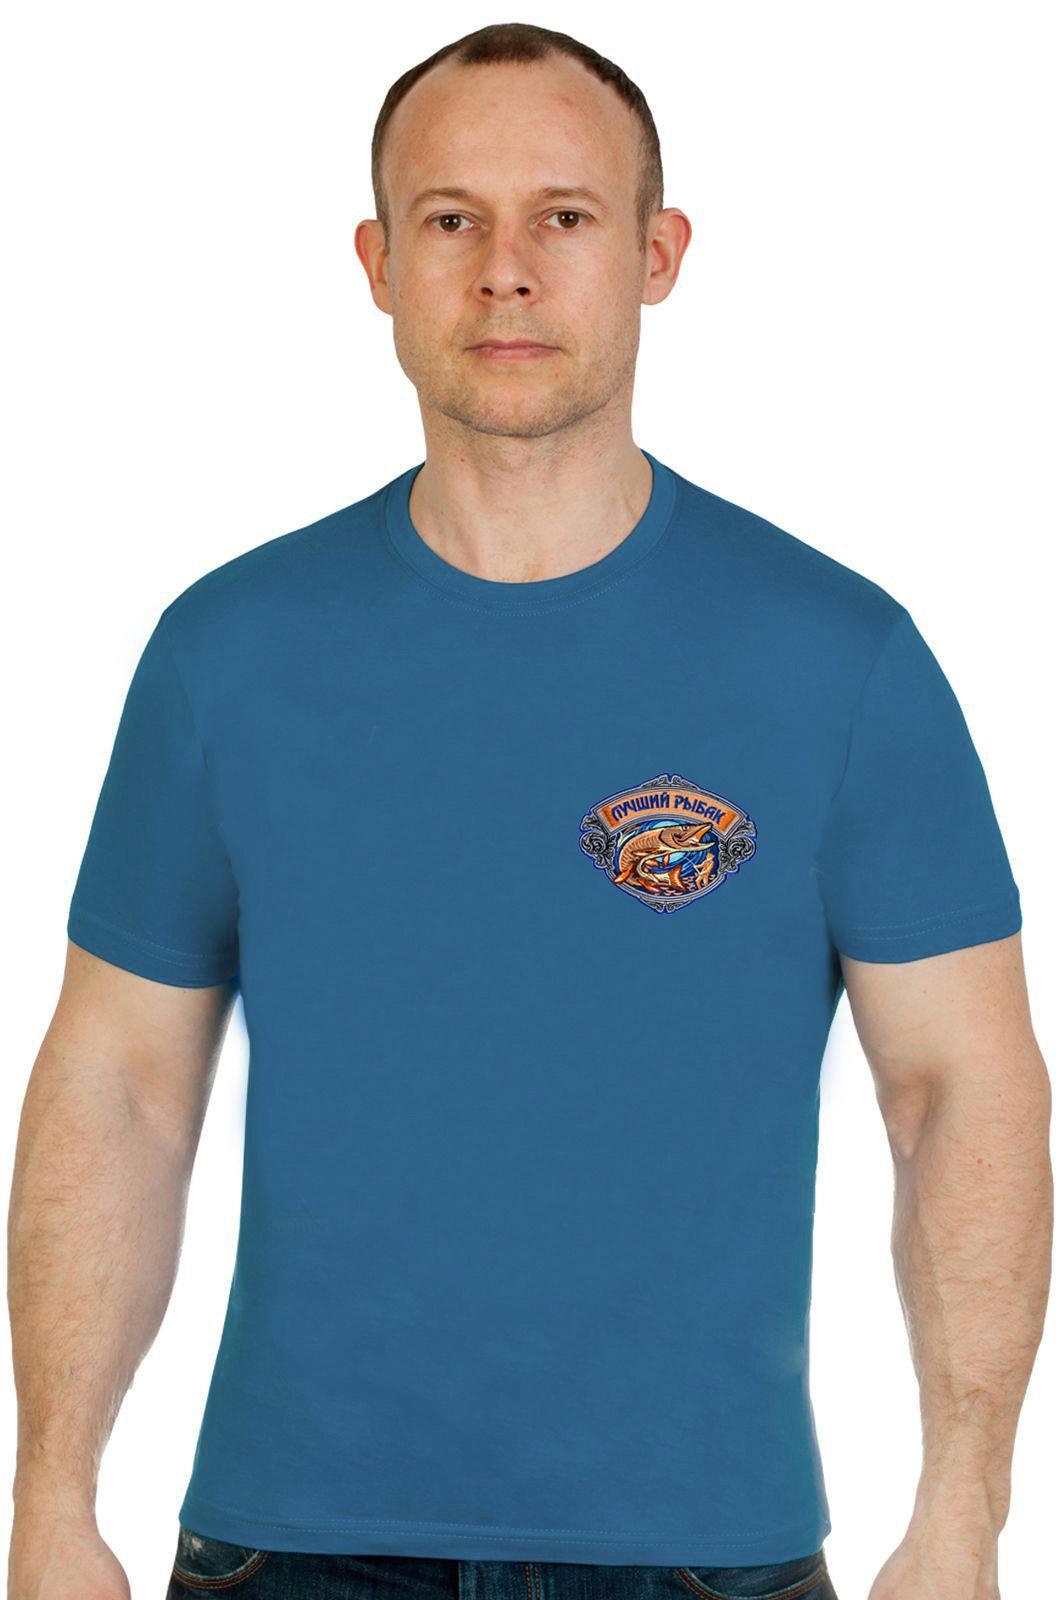 Купить практичную мужскую футболку с вышивкой Лучший Рыбак в подарок любимому